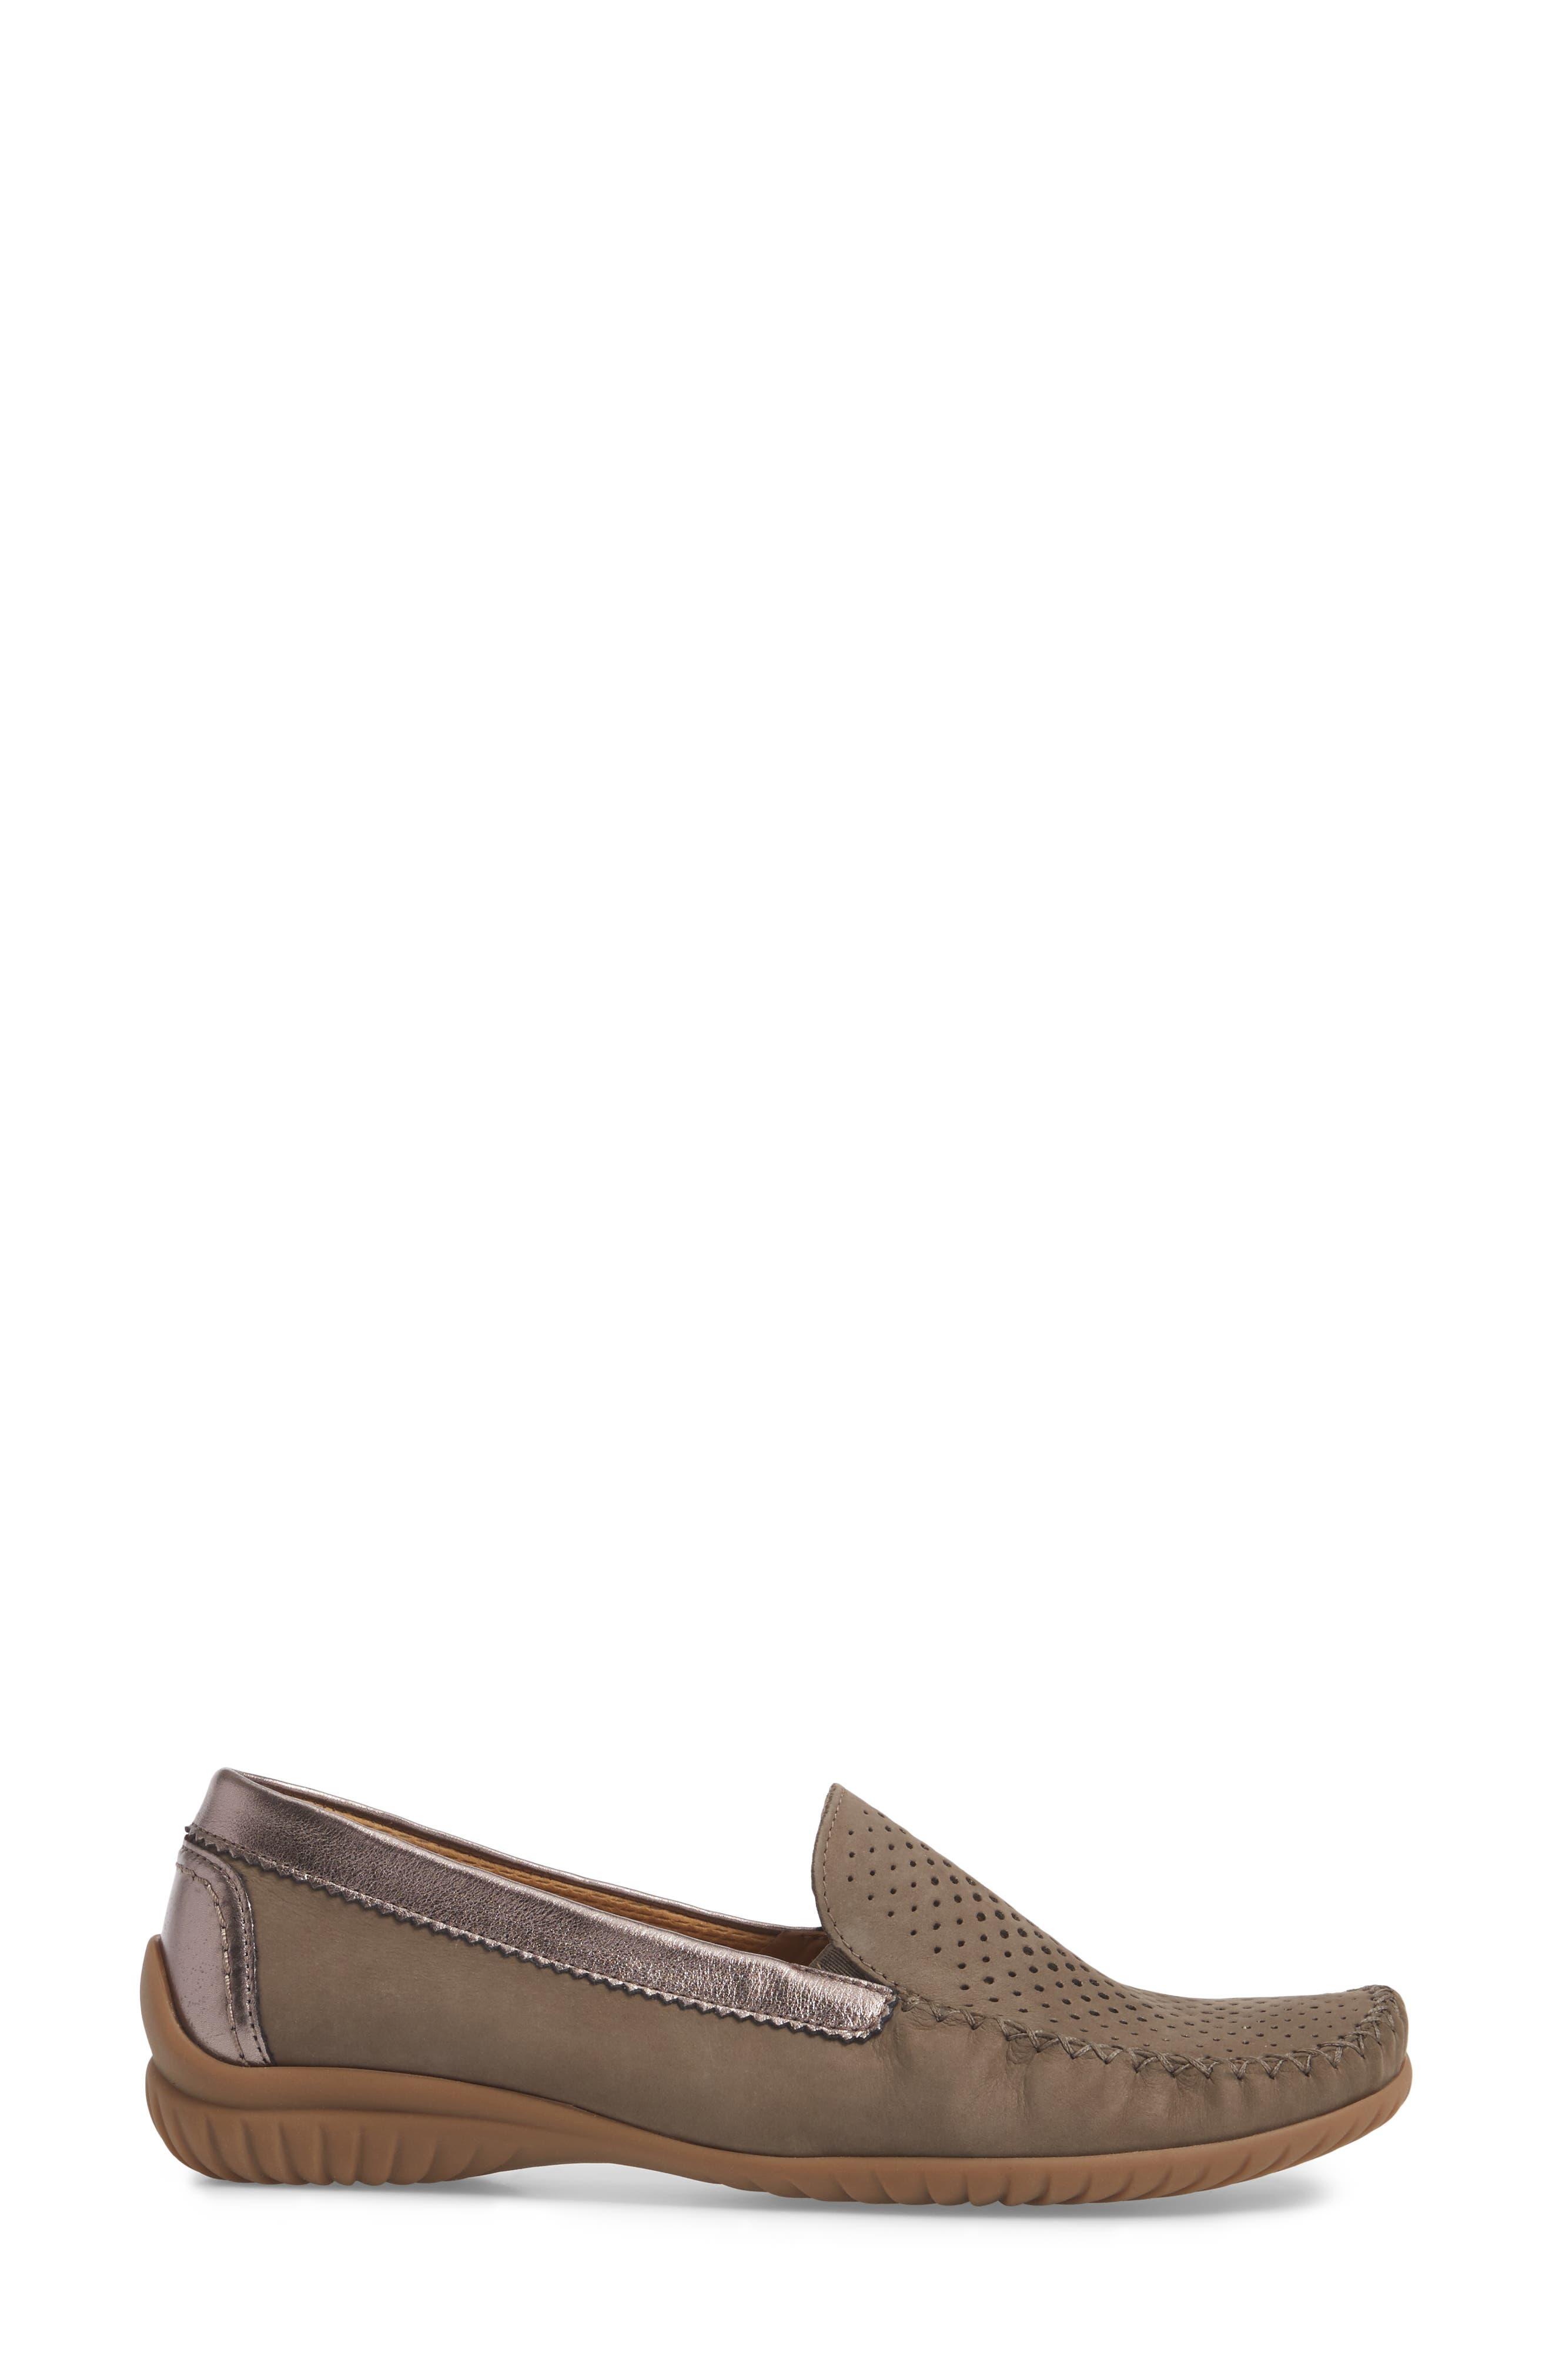 Moccasin Loafer,                             Alternate thumbnail 3, color,                             BEIGE NUBUCK